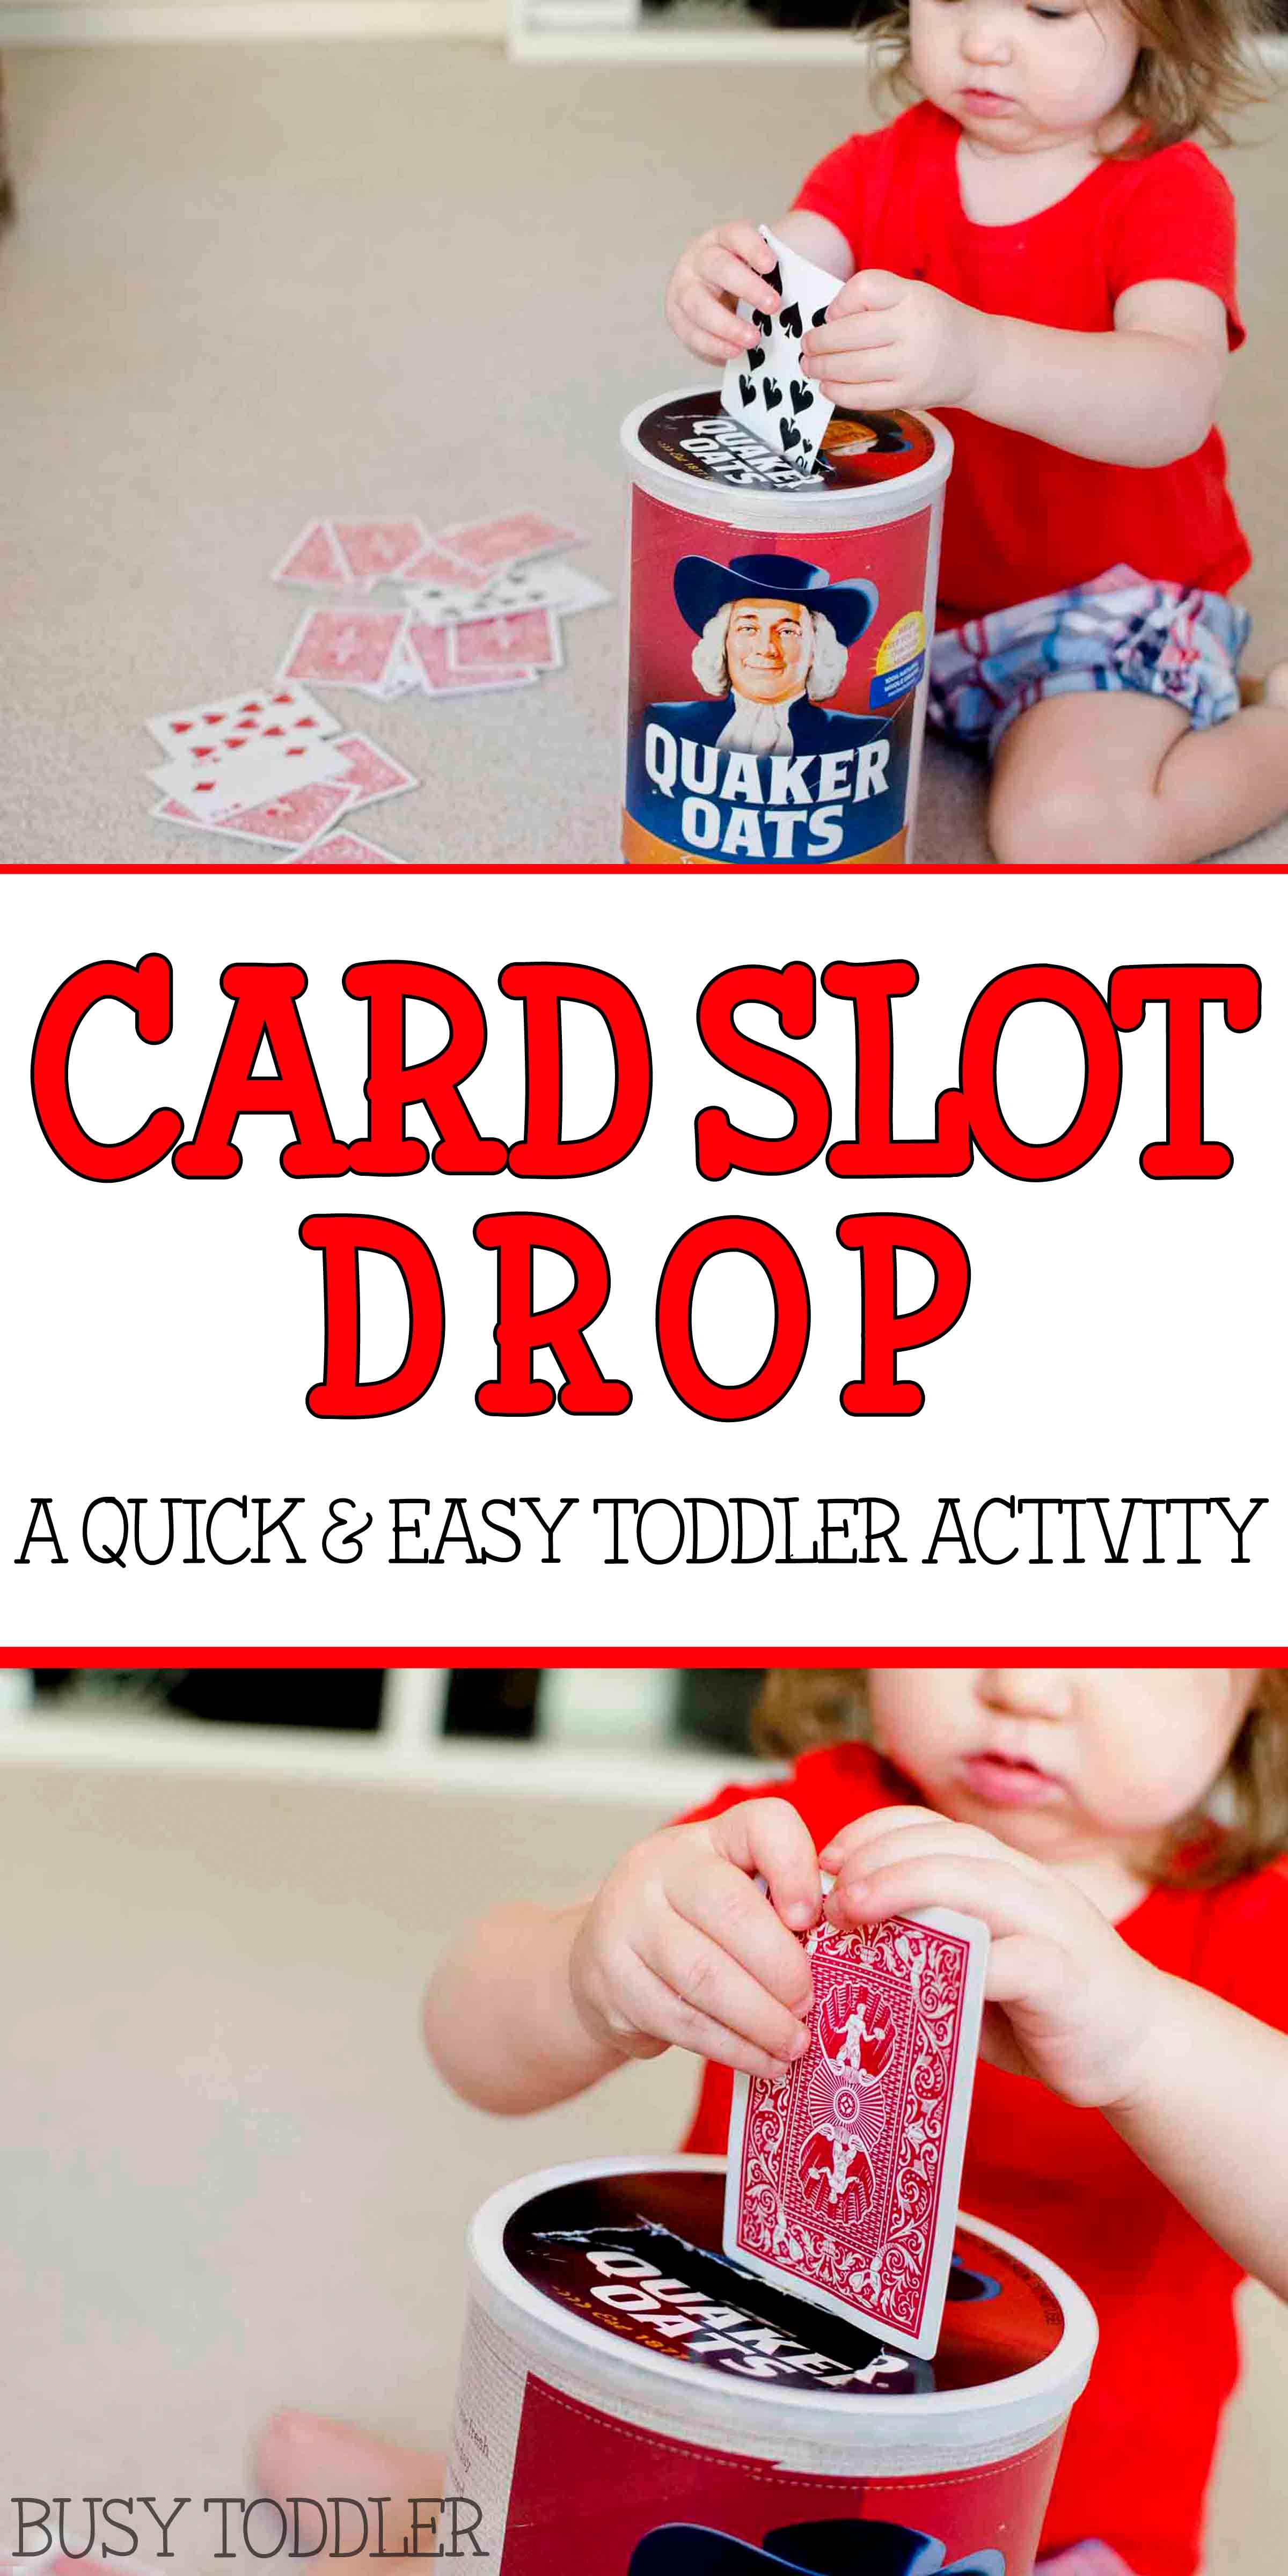 Card Slot Drop